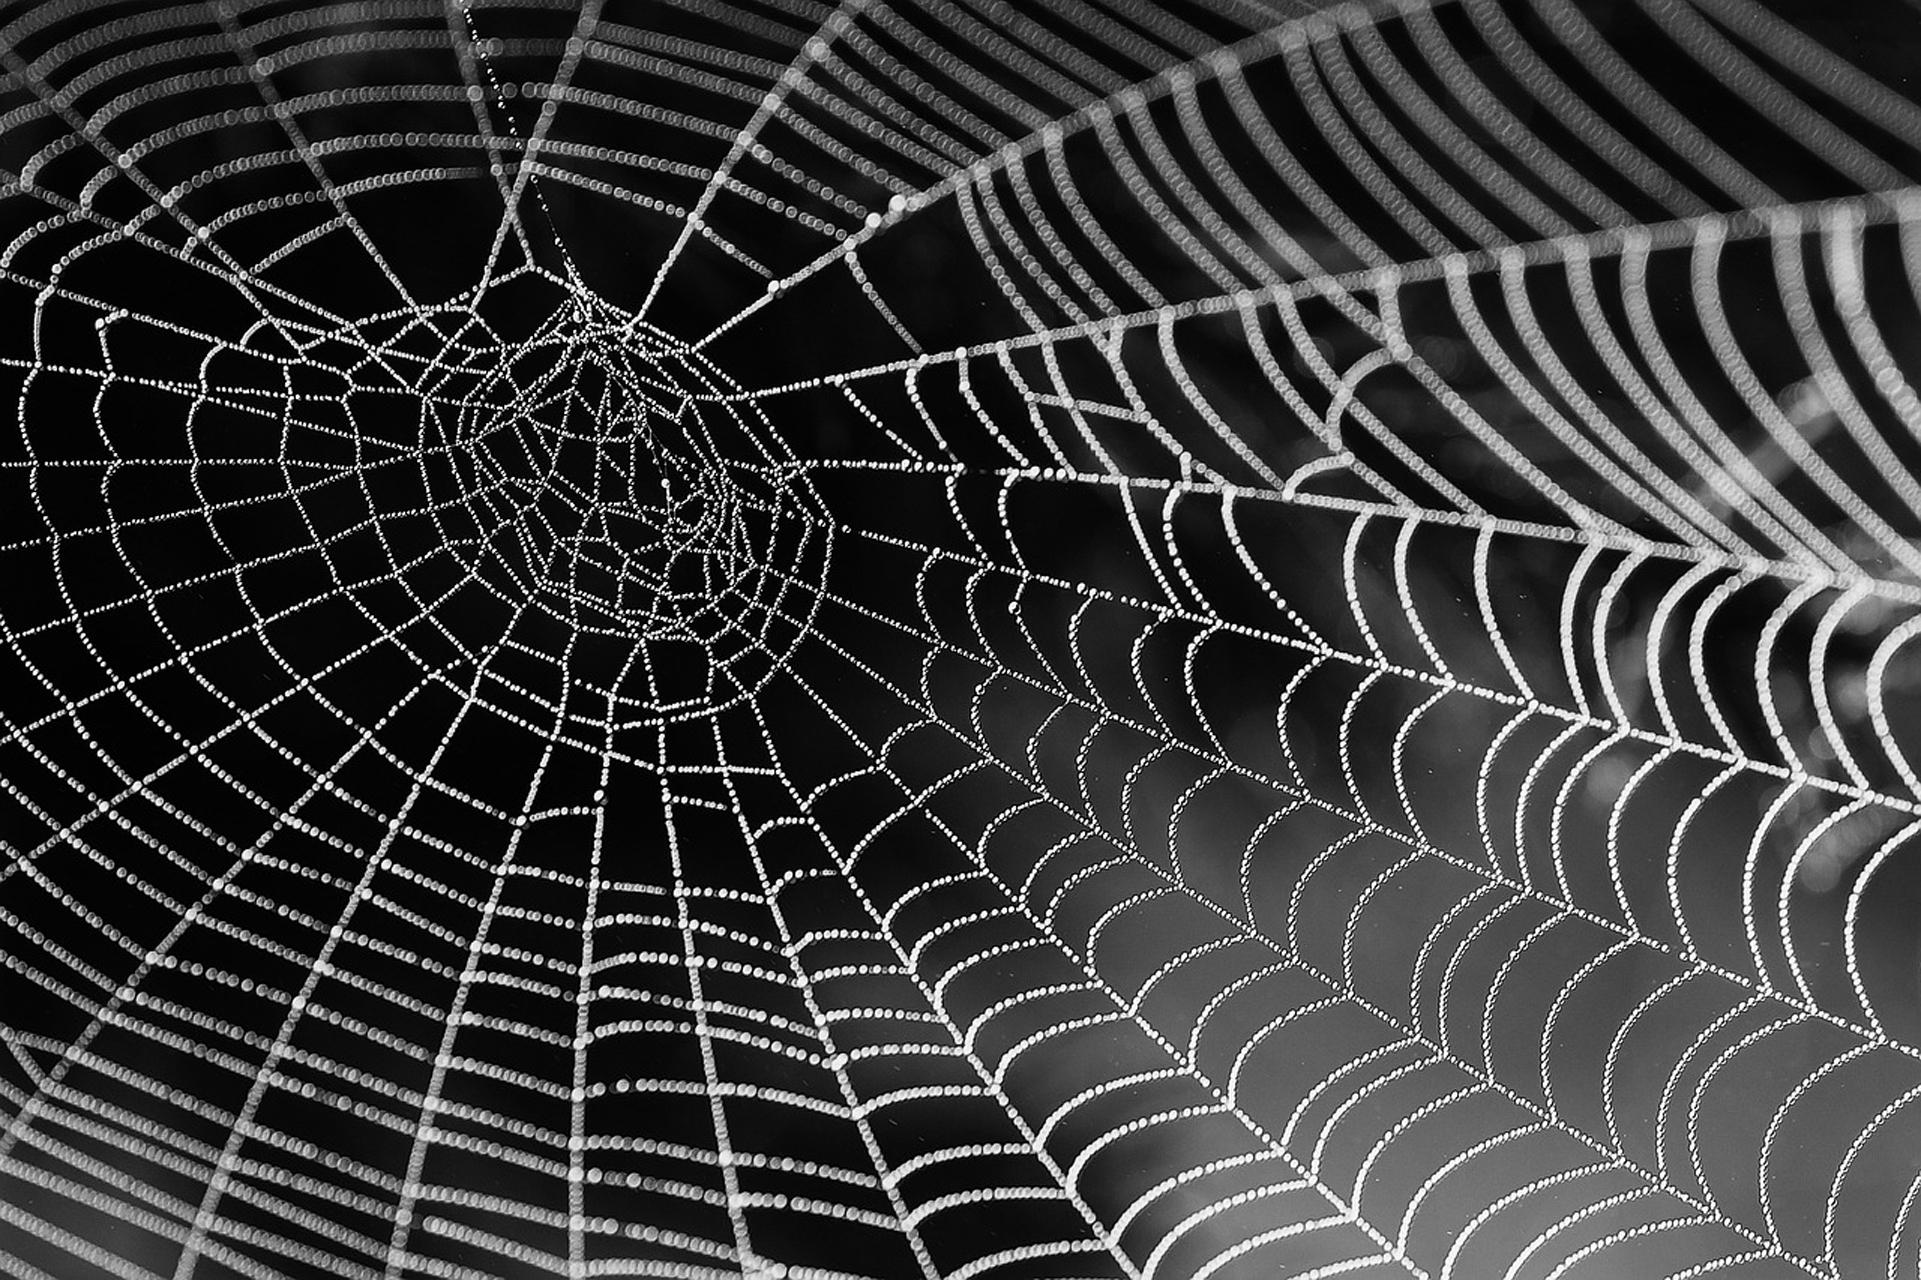 Netzwerk-Spinnennetz-Verbindung-NWB IMMOBILIEN